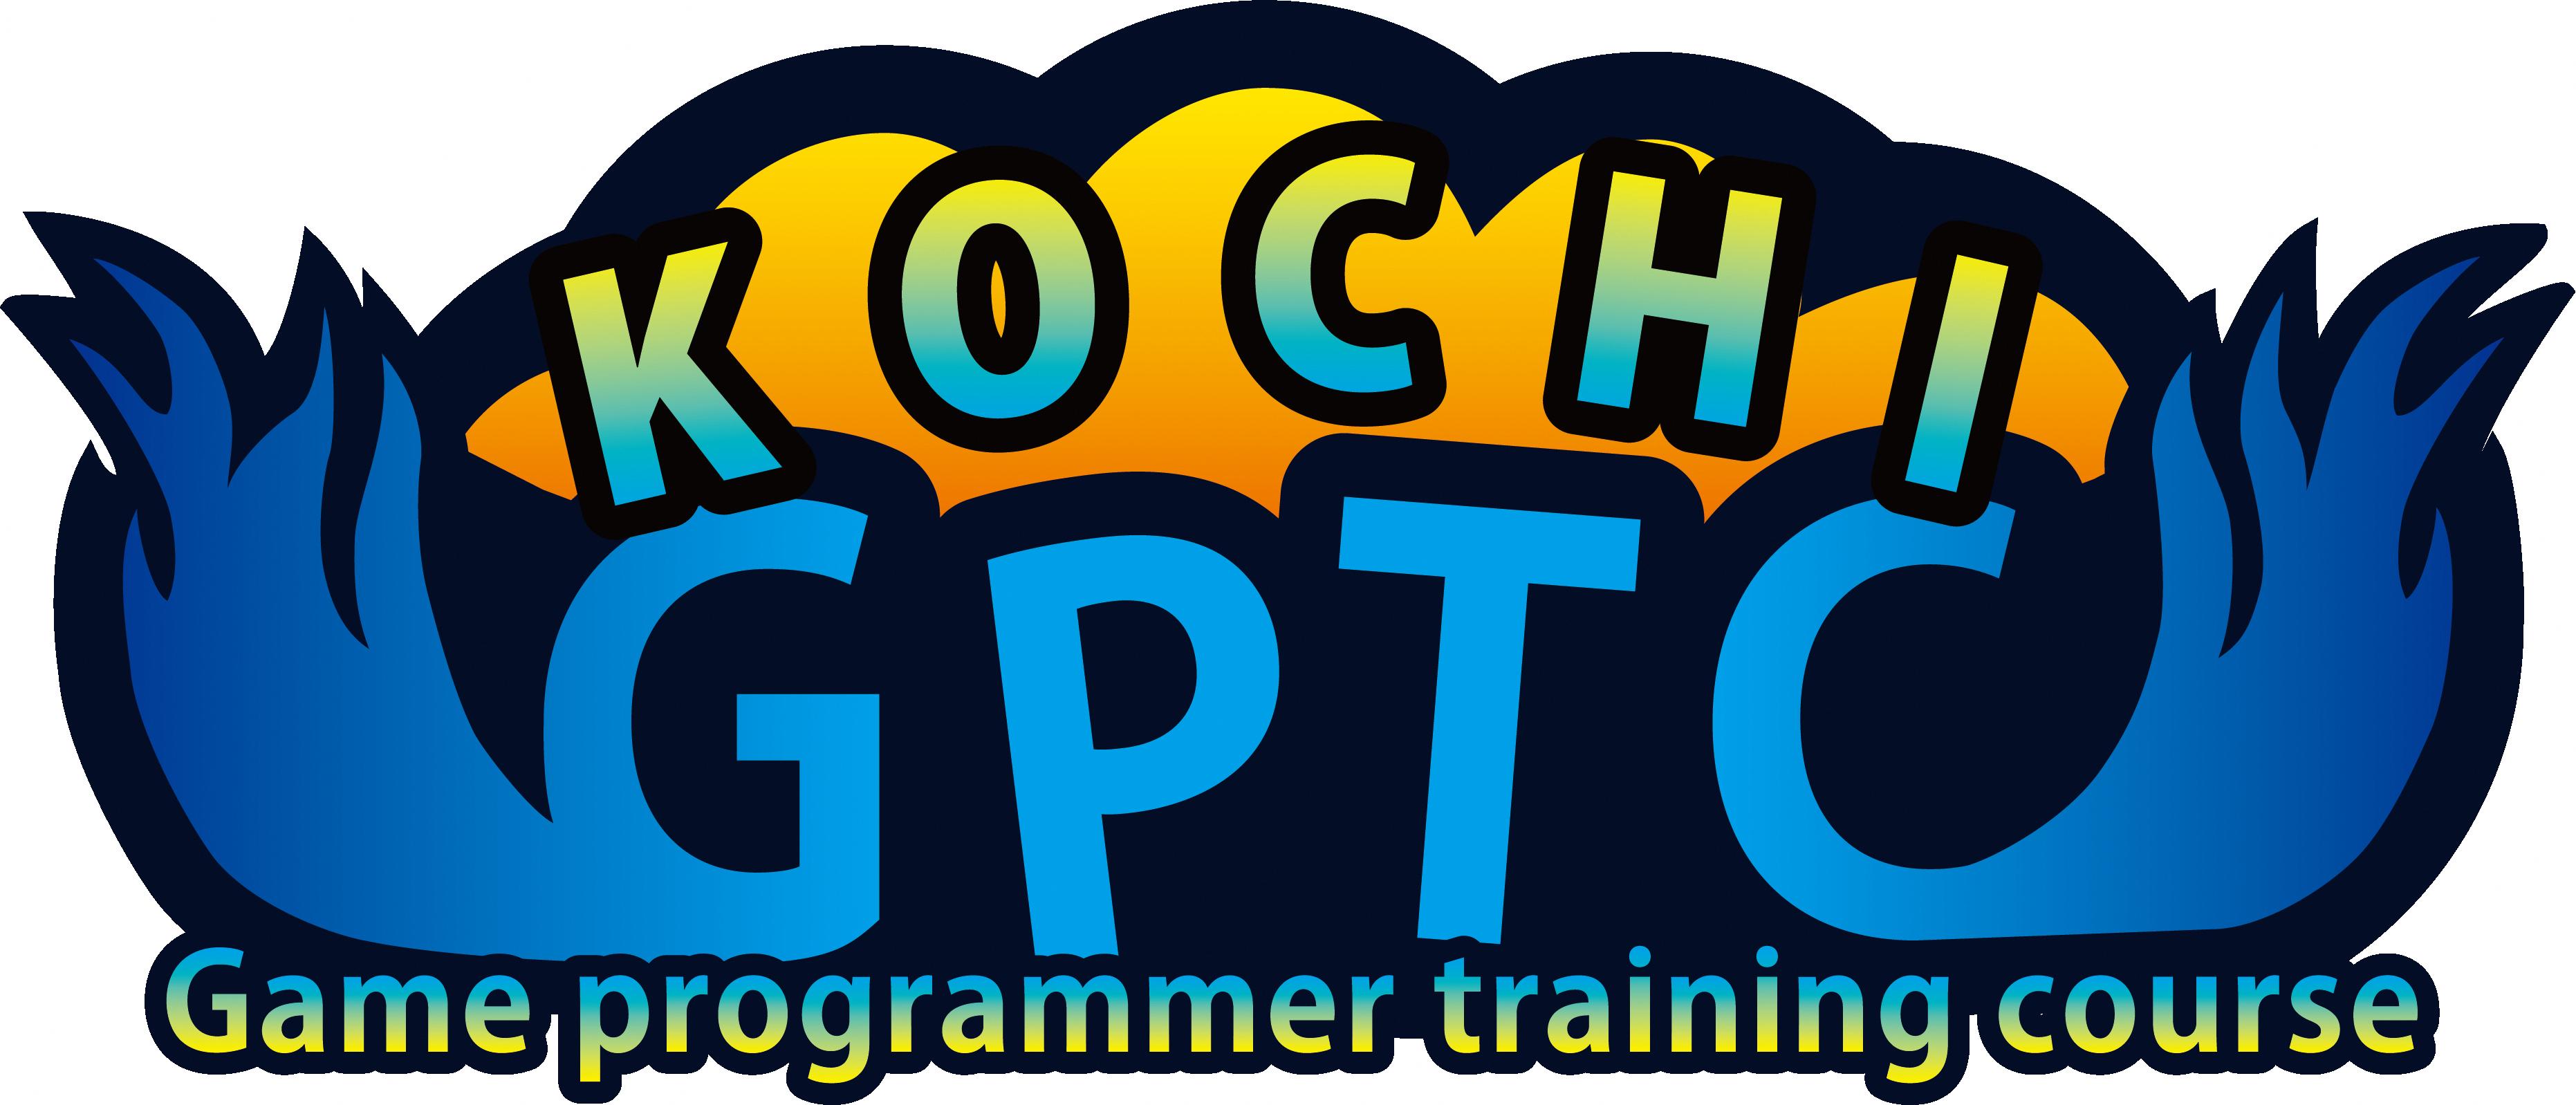 目指せ東京ゲームショウ2020出展!高知県で第2期ゲームプログラマー育成講座がスタート!